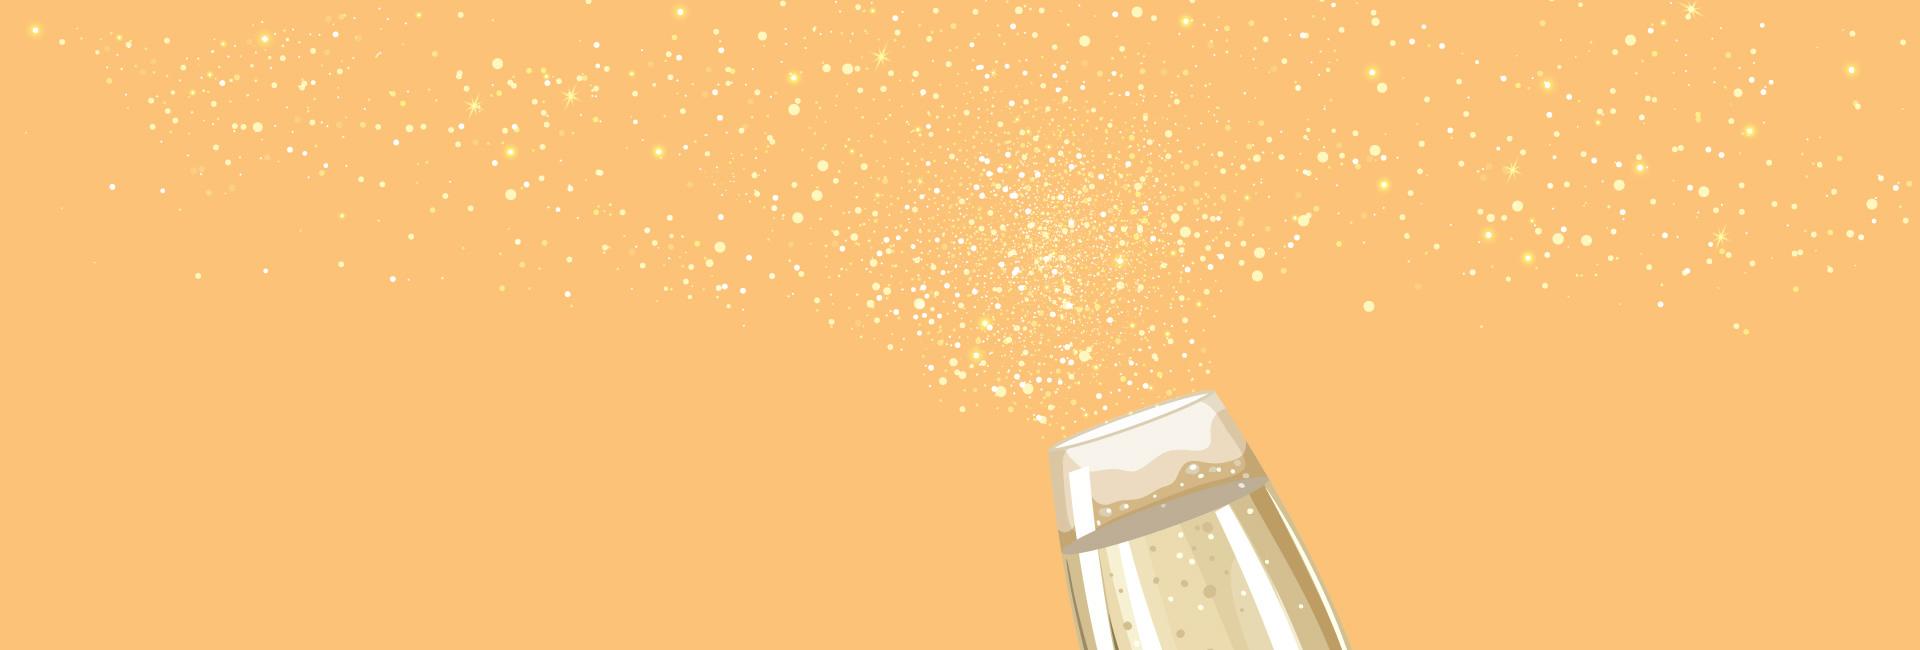 Estrellas-Burbujas_200111-web